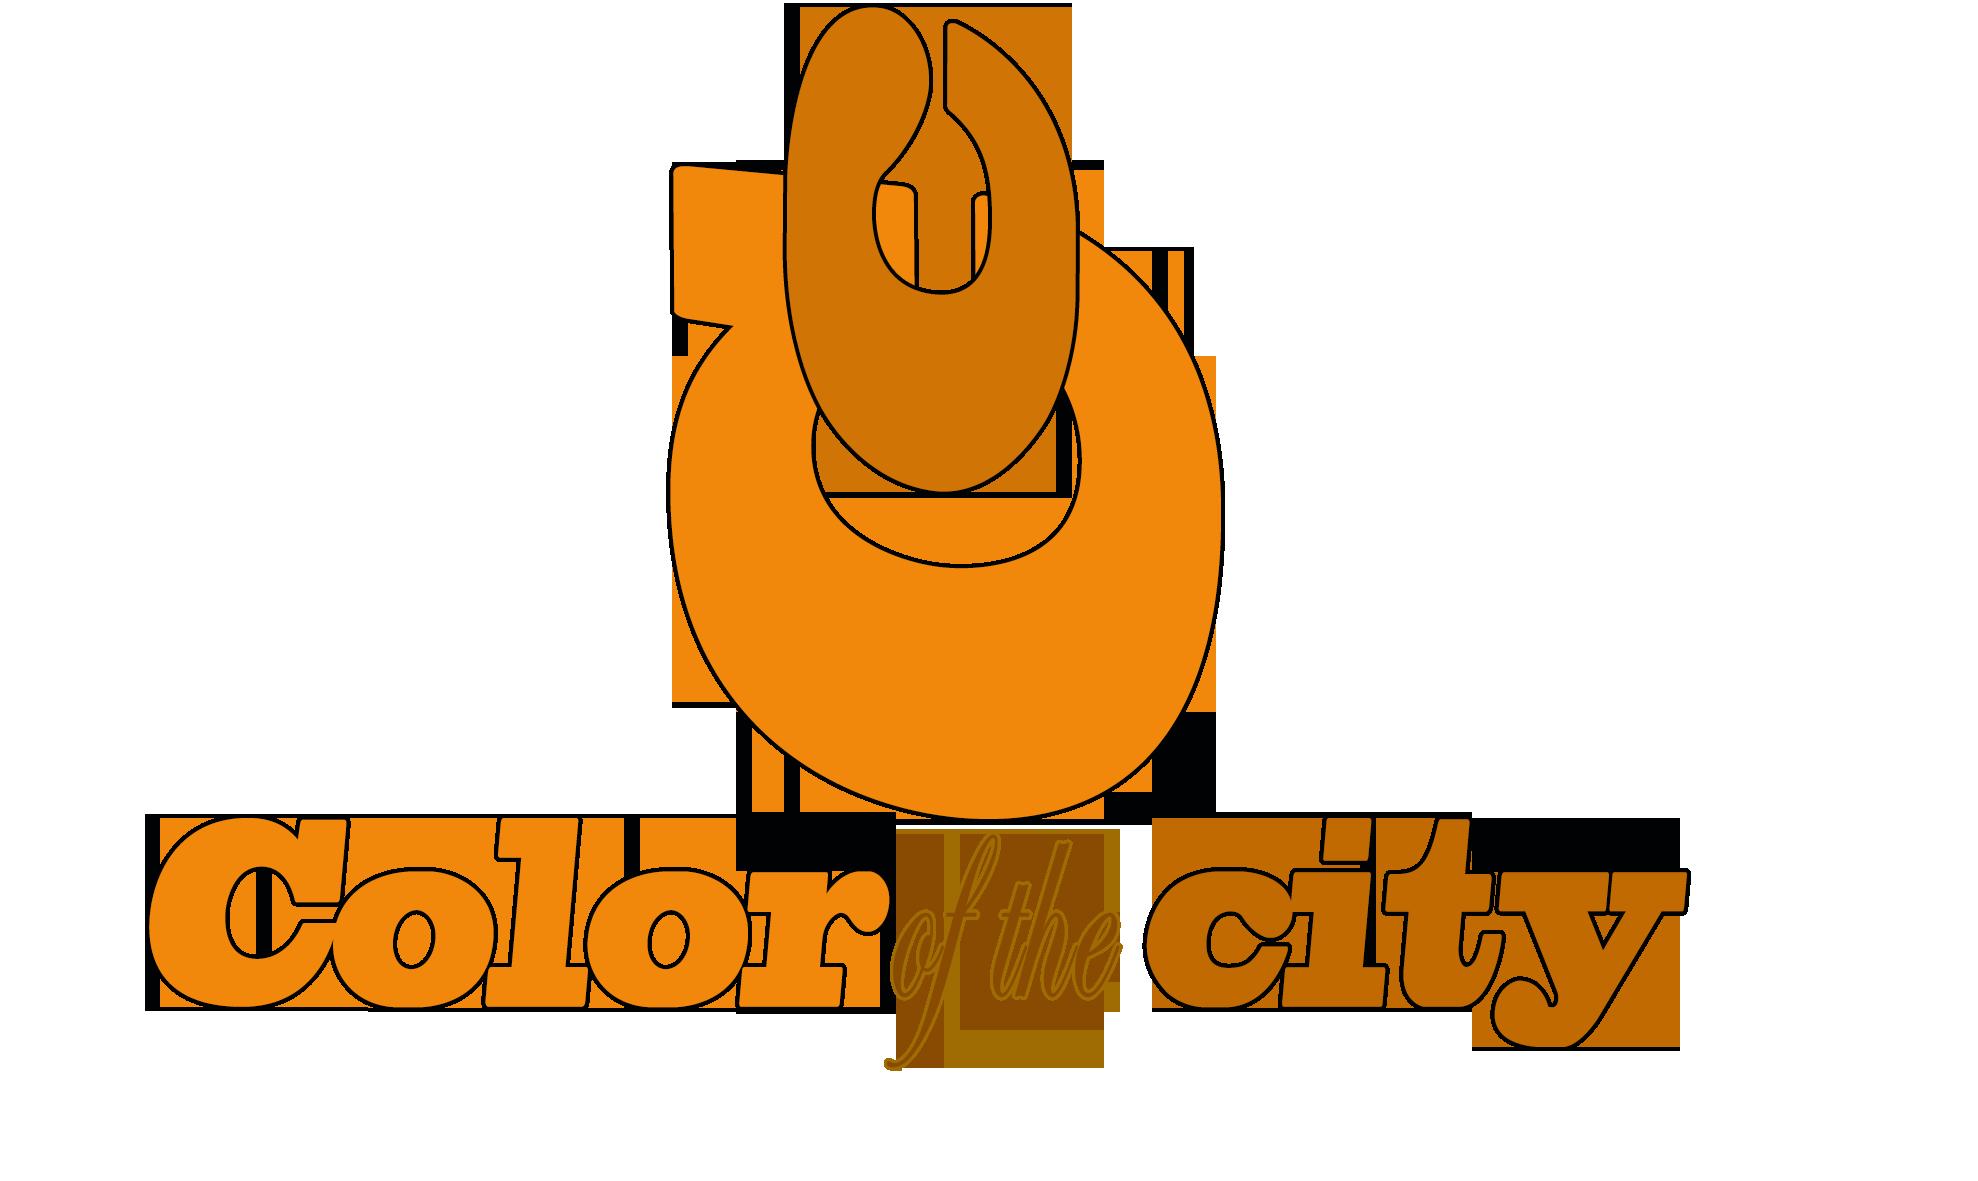 Необходим логотип для сети хостелов фото f_27951aa21d76a57b.png